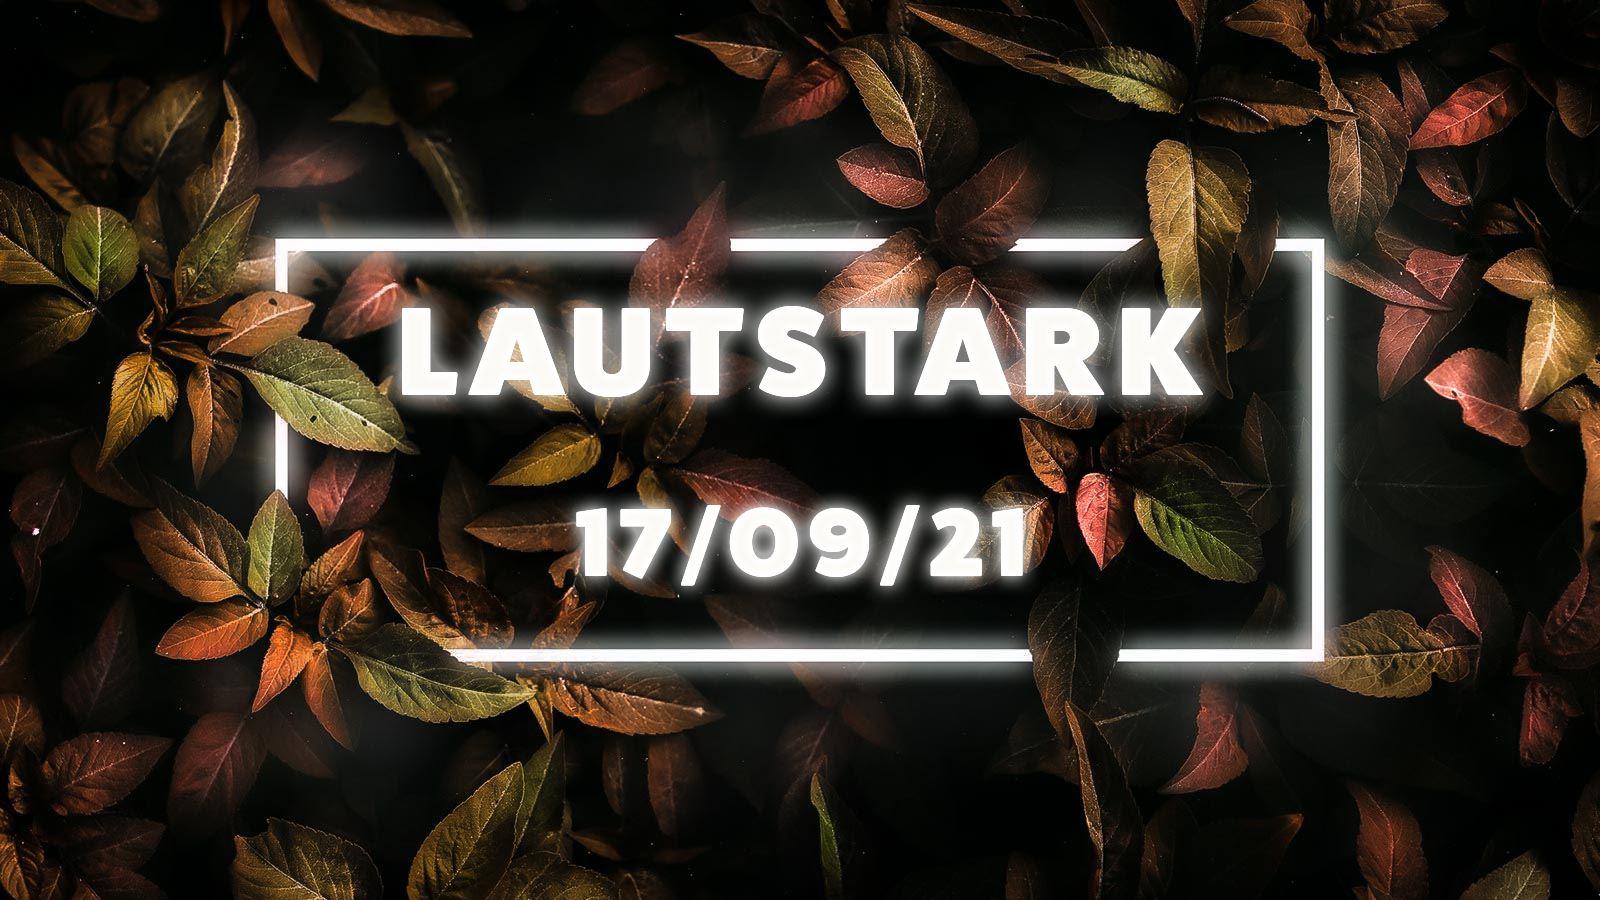 Events Wien: LAUTSTARK w/ Bart und Busen